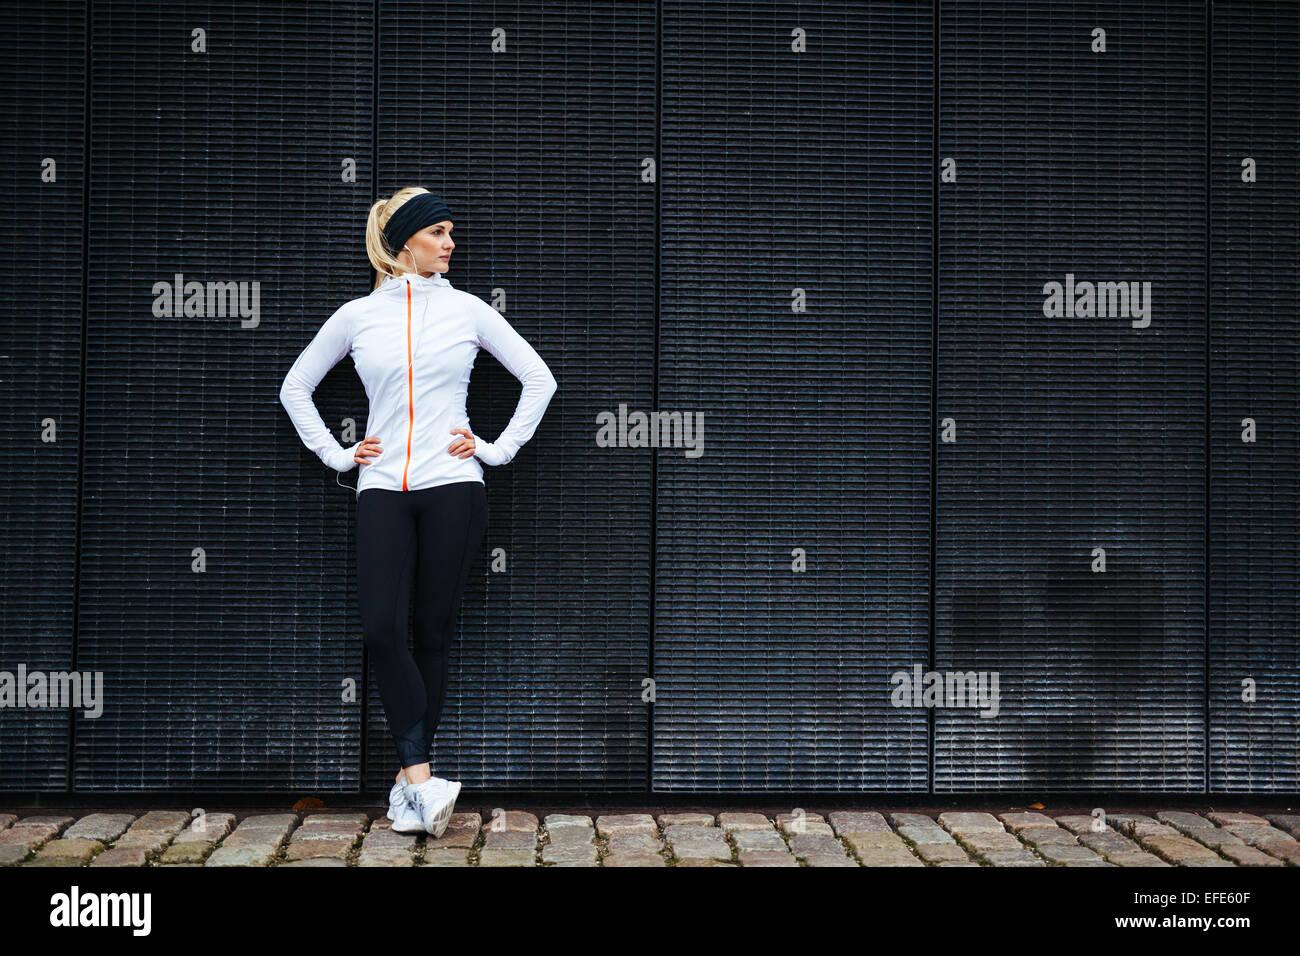 Determinada mujer descansando después de correr en la ciudad. Longitud total de filmación joven deportivo Imagen De Stock